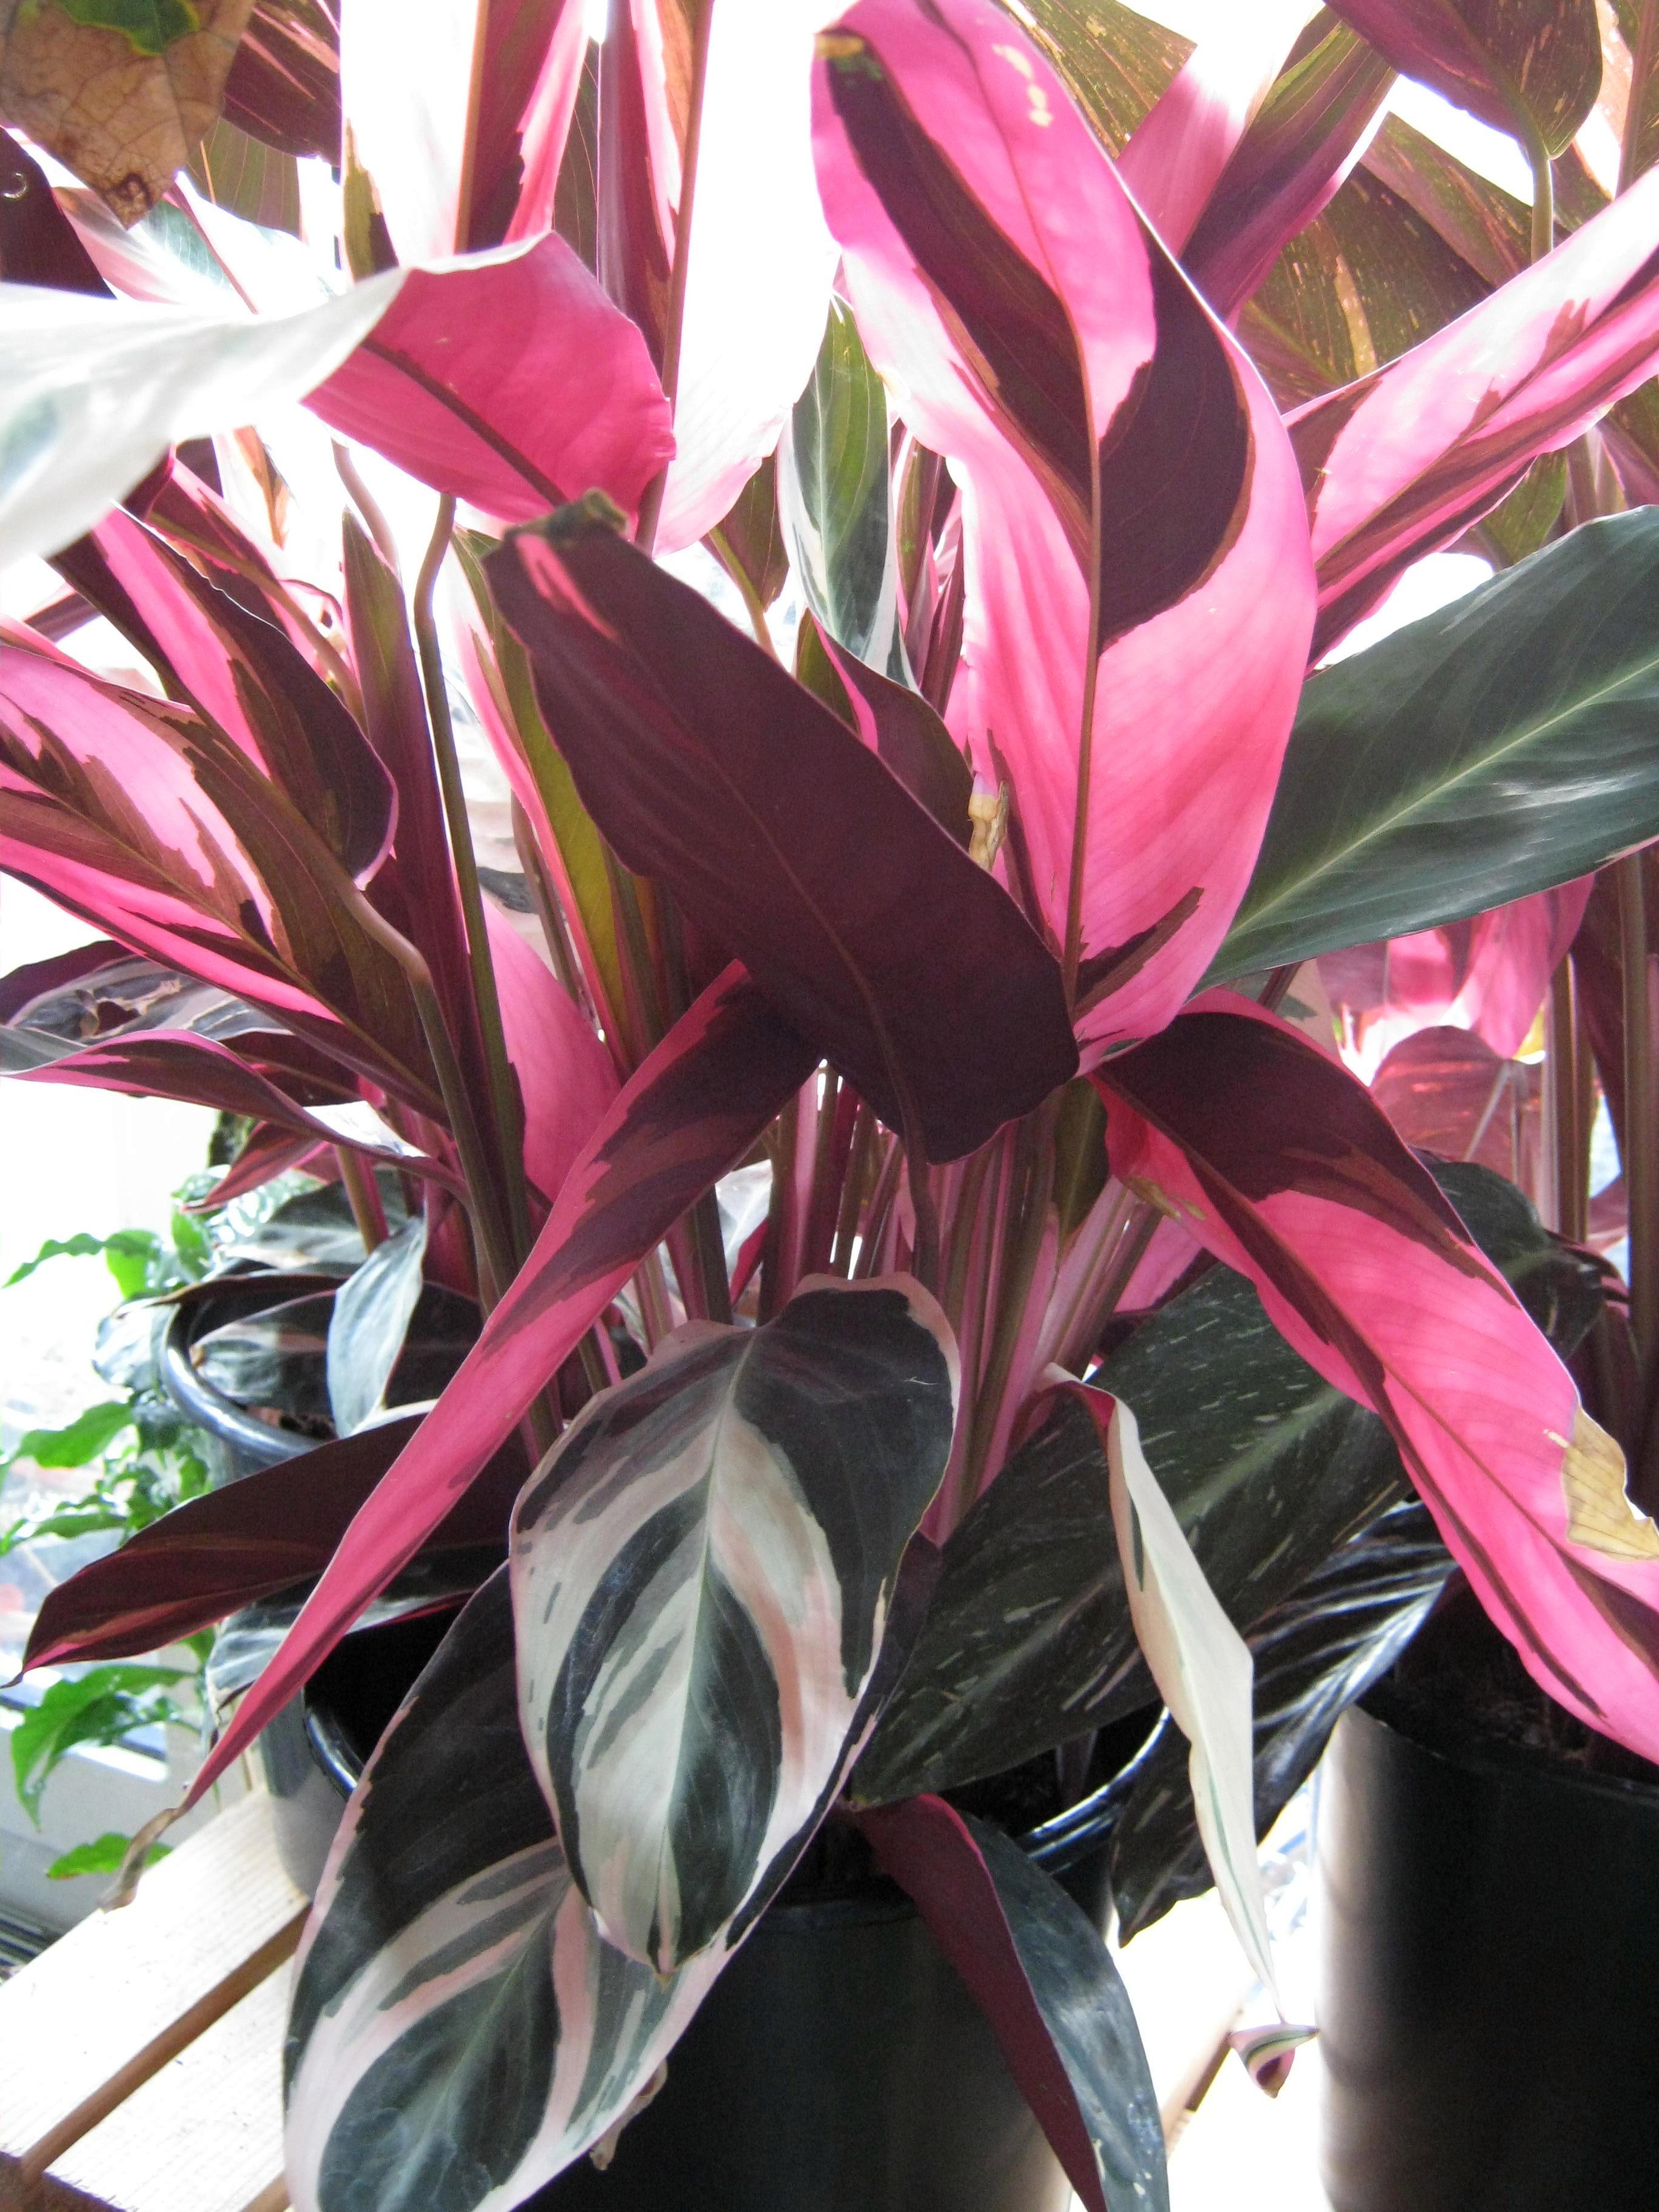 f r jeden gibt es die richtige pflanze. Black Bedroom Furniture Sets. Home Design Ideas